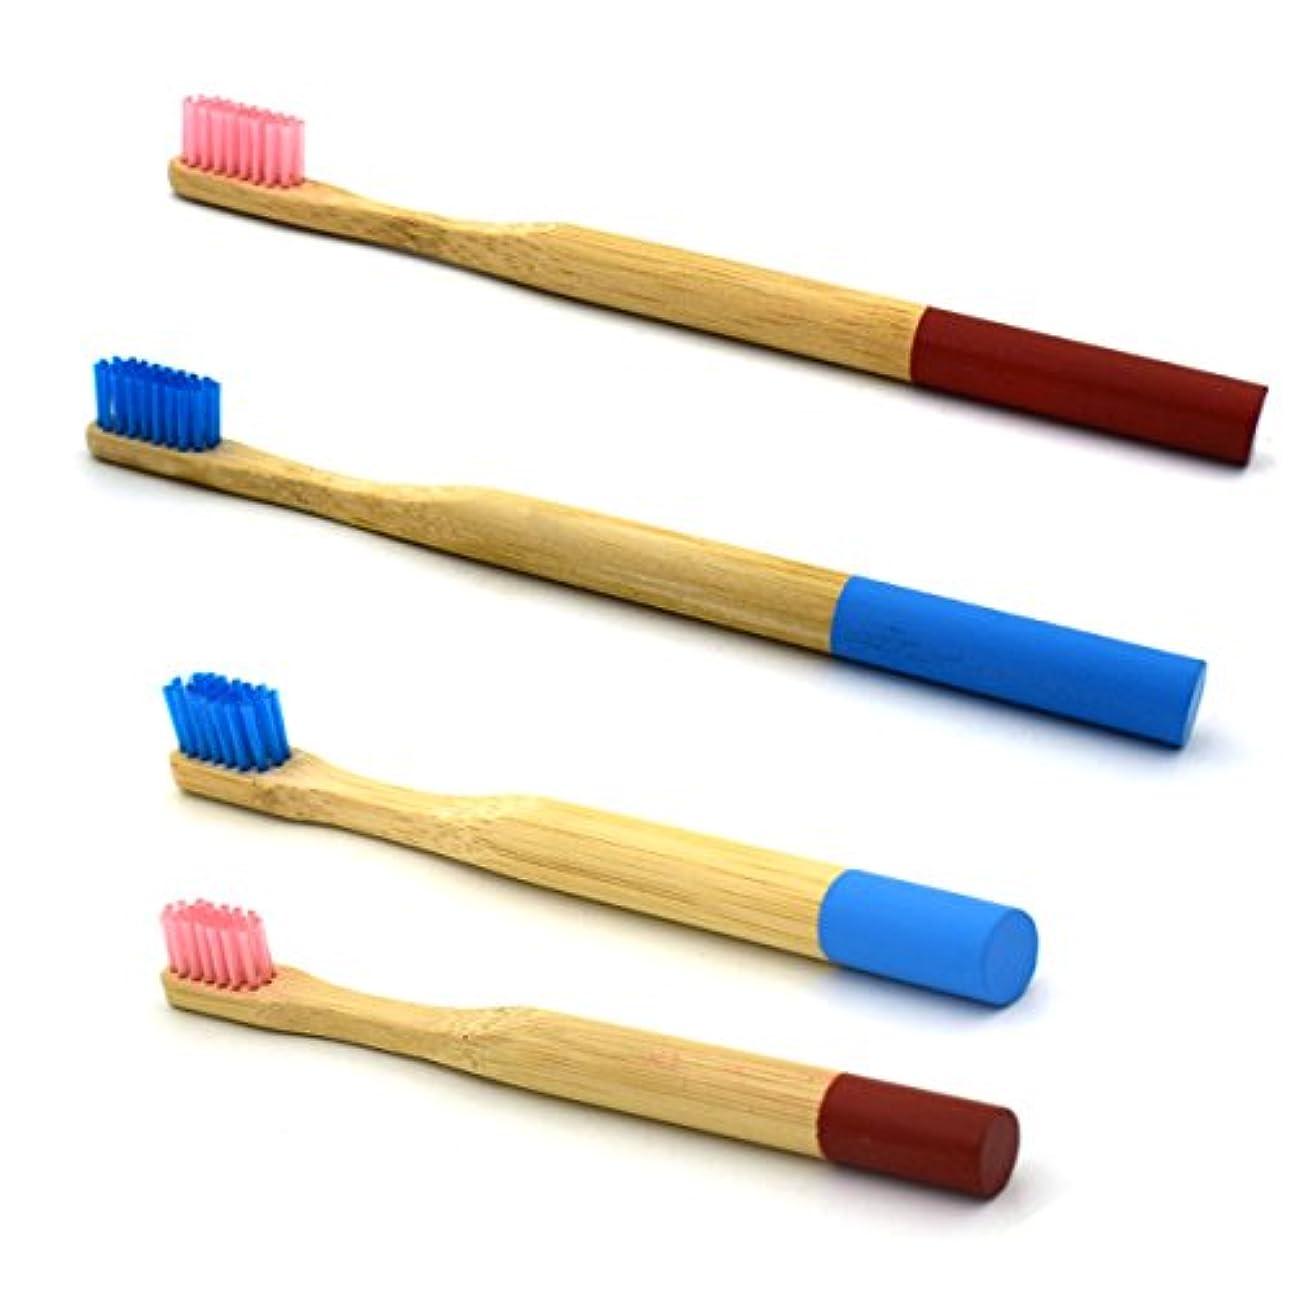 外交問題巨大な微生物HEALLILY ラウンドハンドルエコフレンドリーソフト剛毛歯ブラシ(ブルーとピンク) - 大人と子供と4個の天然竹製の歯ブラシ